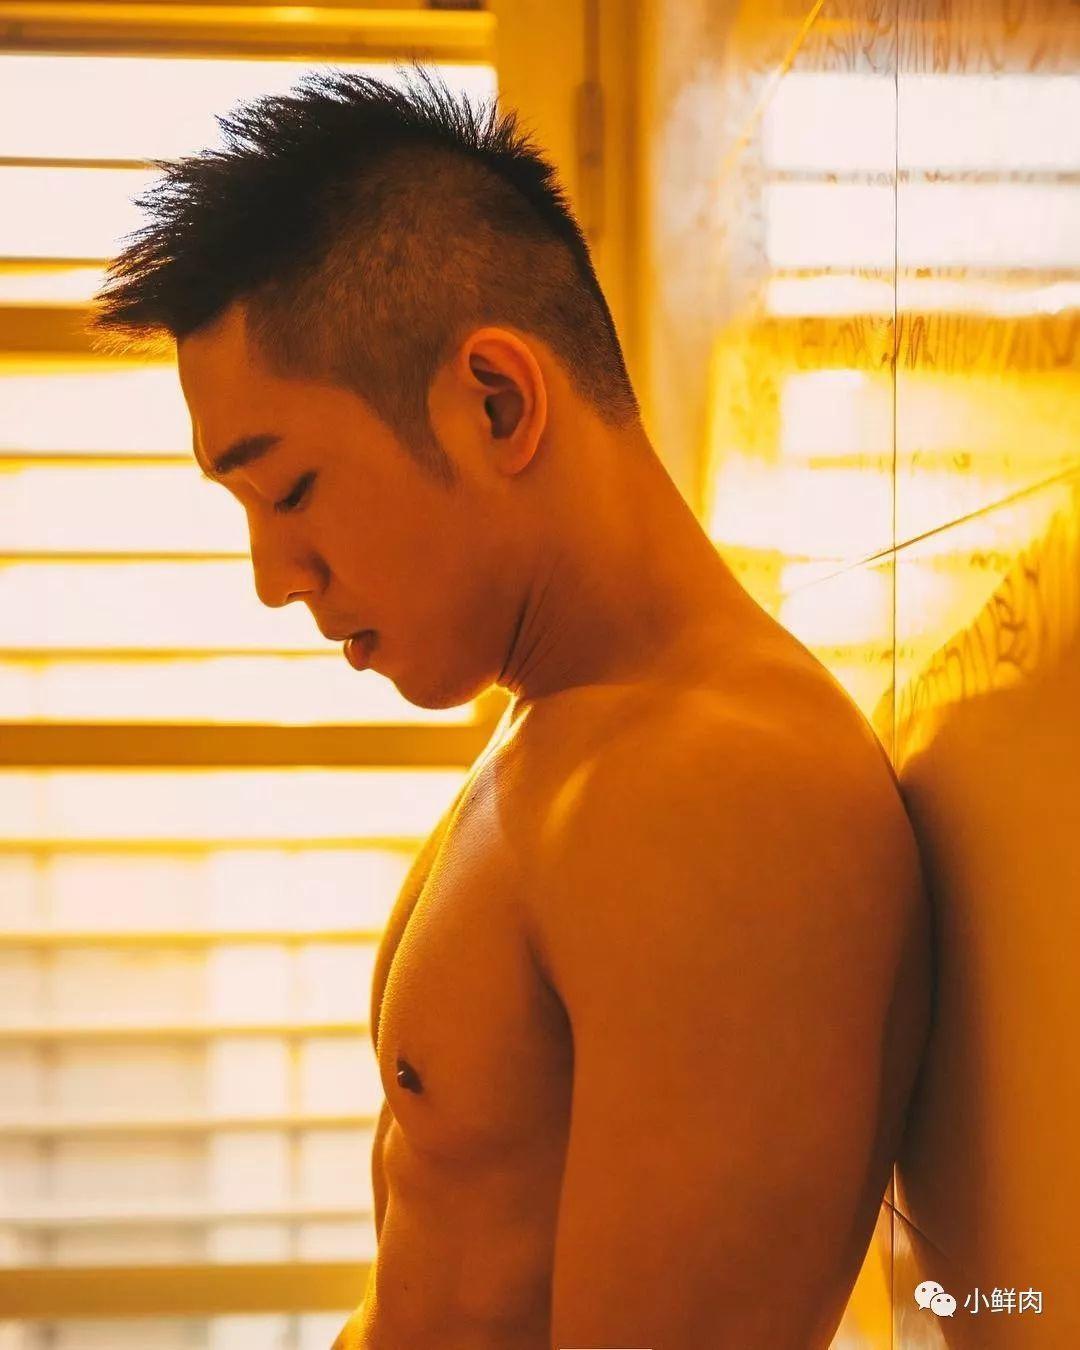 熟男网红写真硬照一览,私下的生活照更有看点!